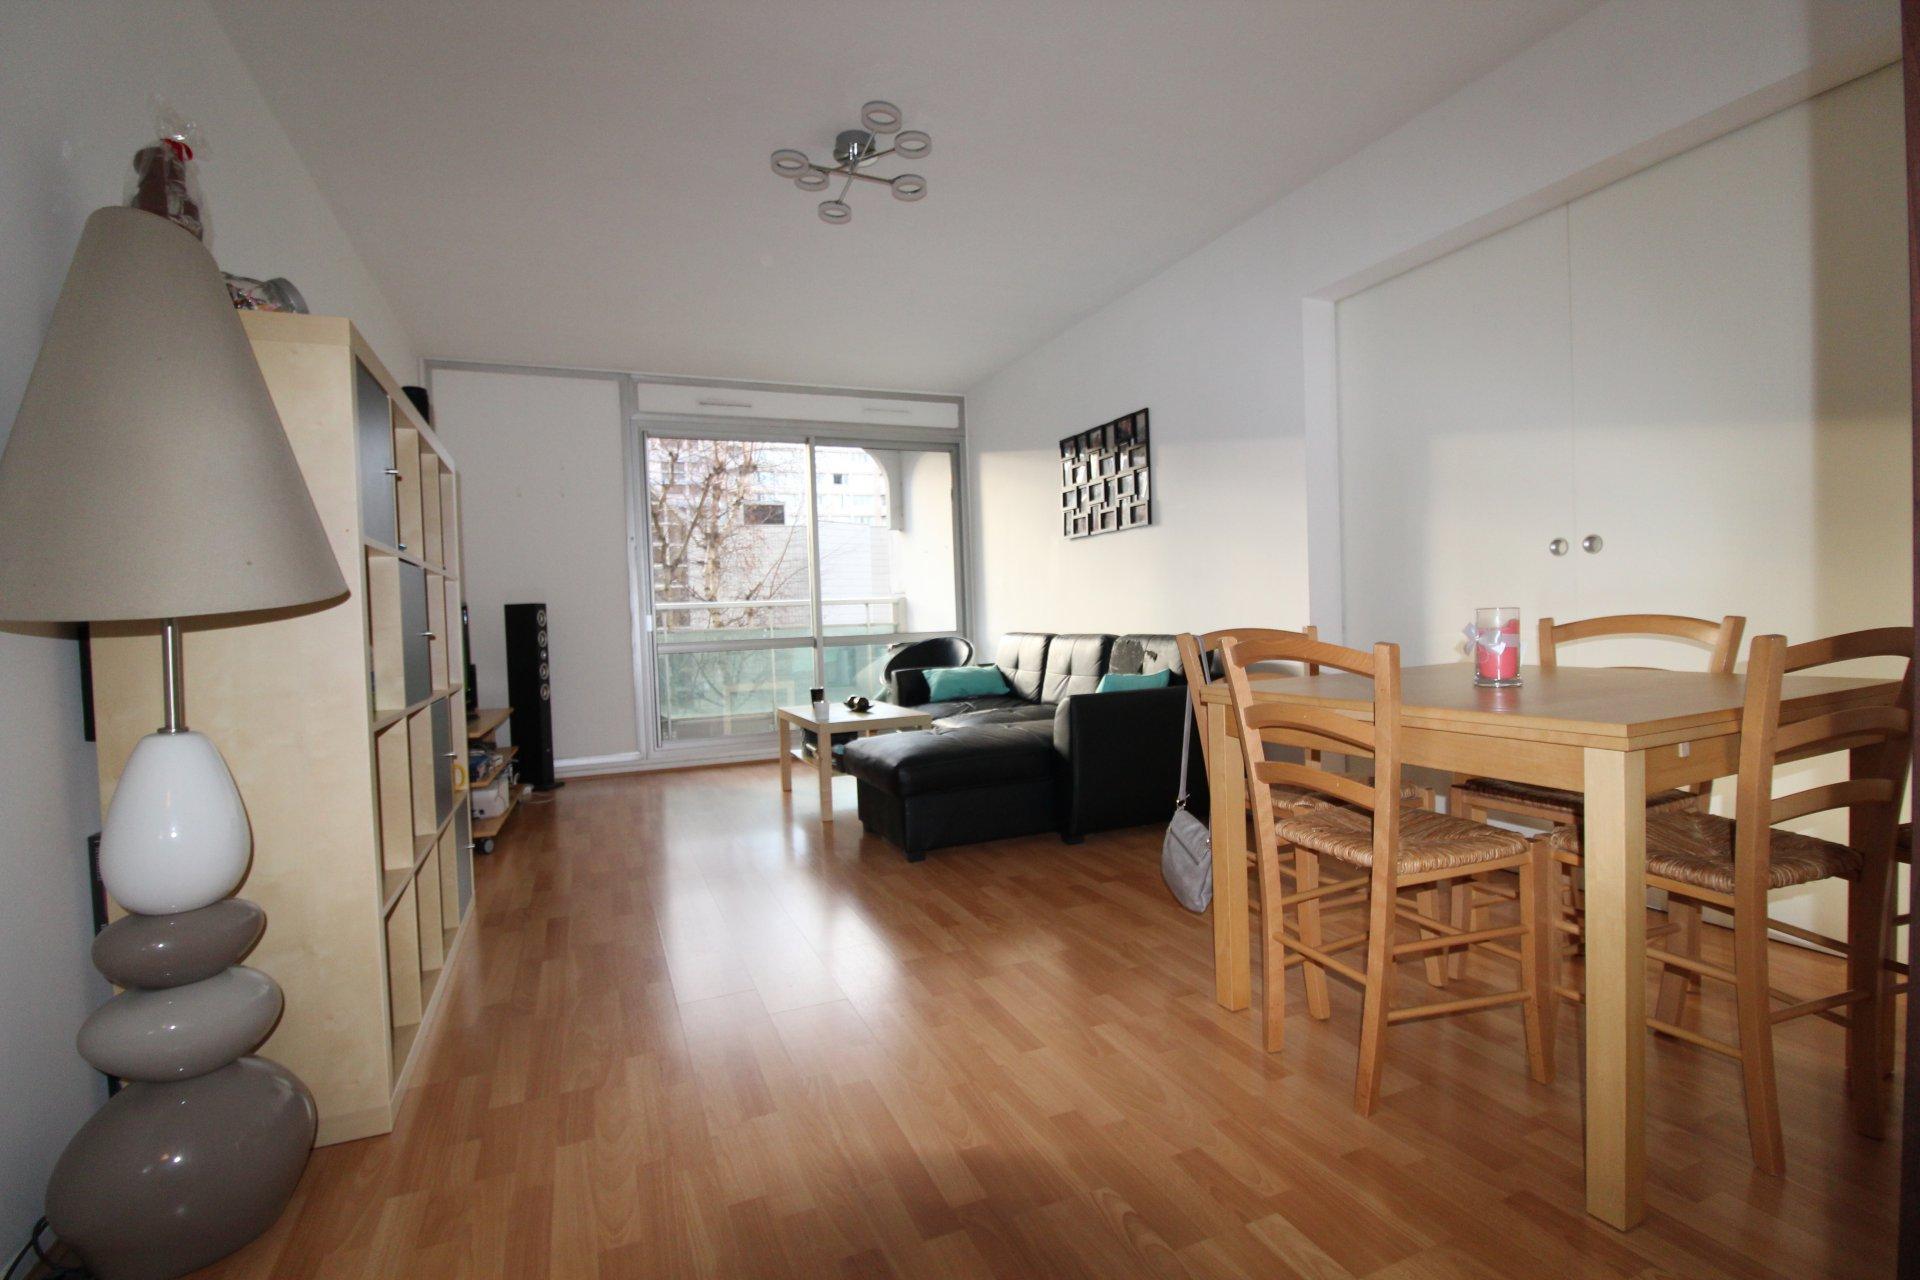 Appartement Saint-Etienne / Bergson 3 pièces 81.50m2 avec balcon